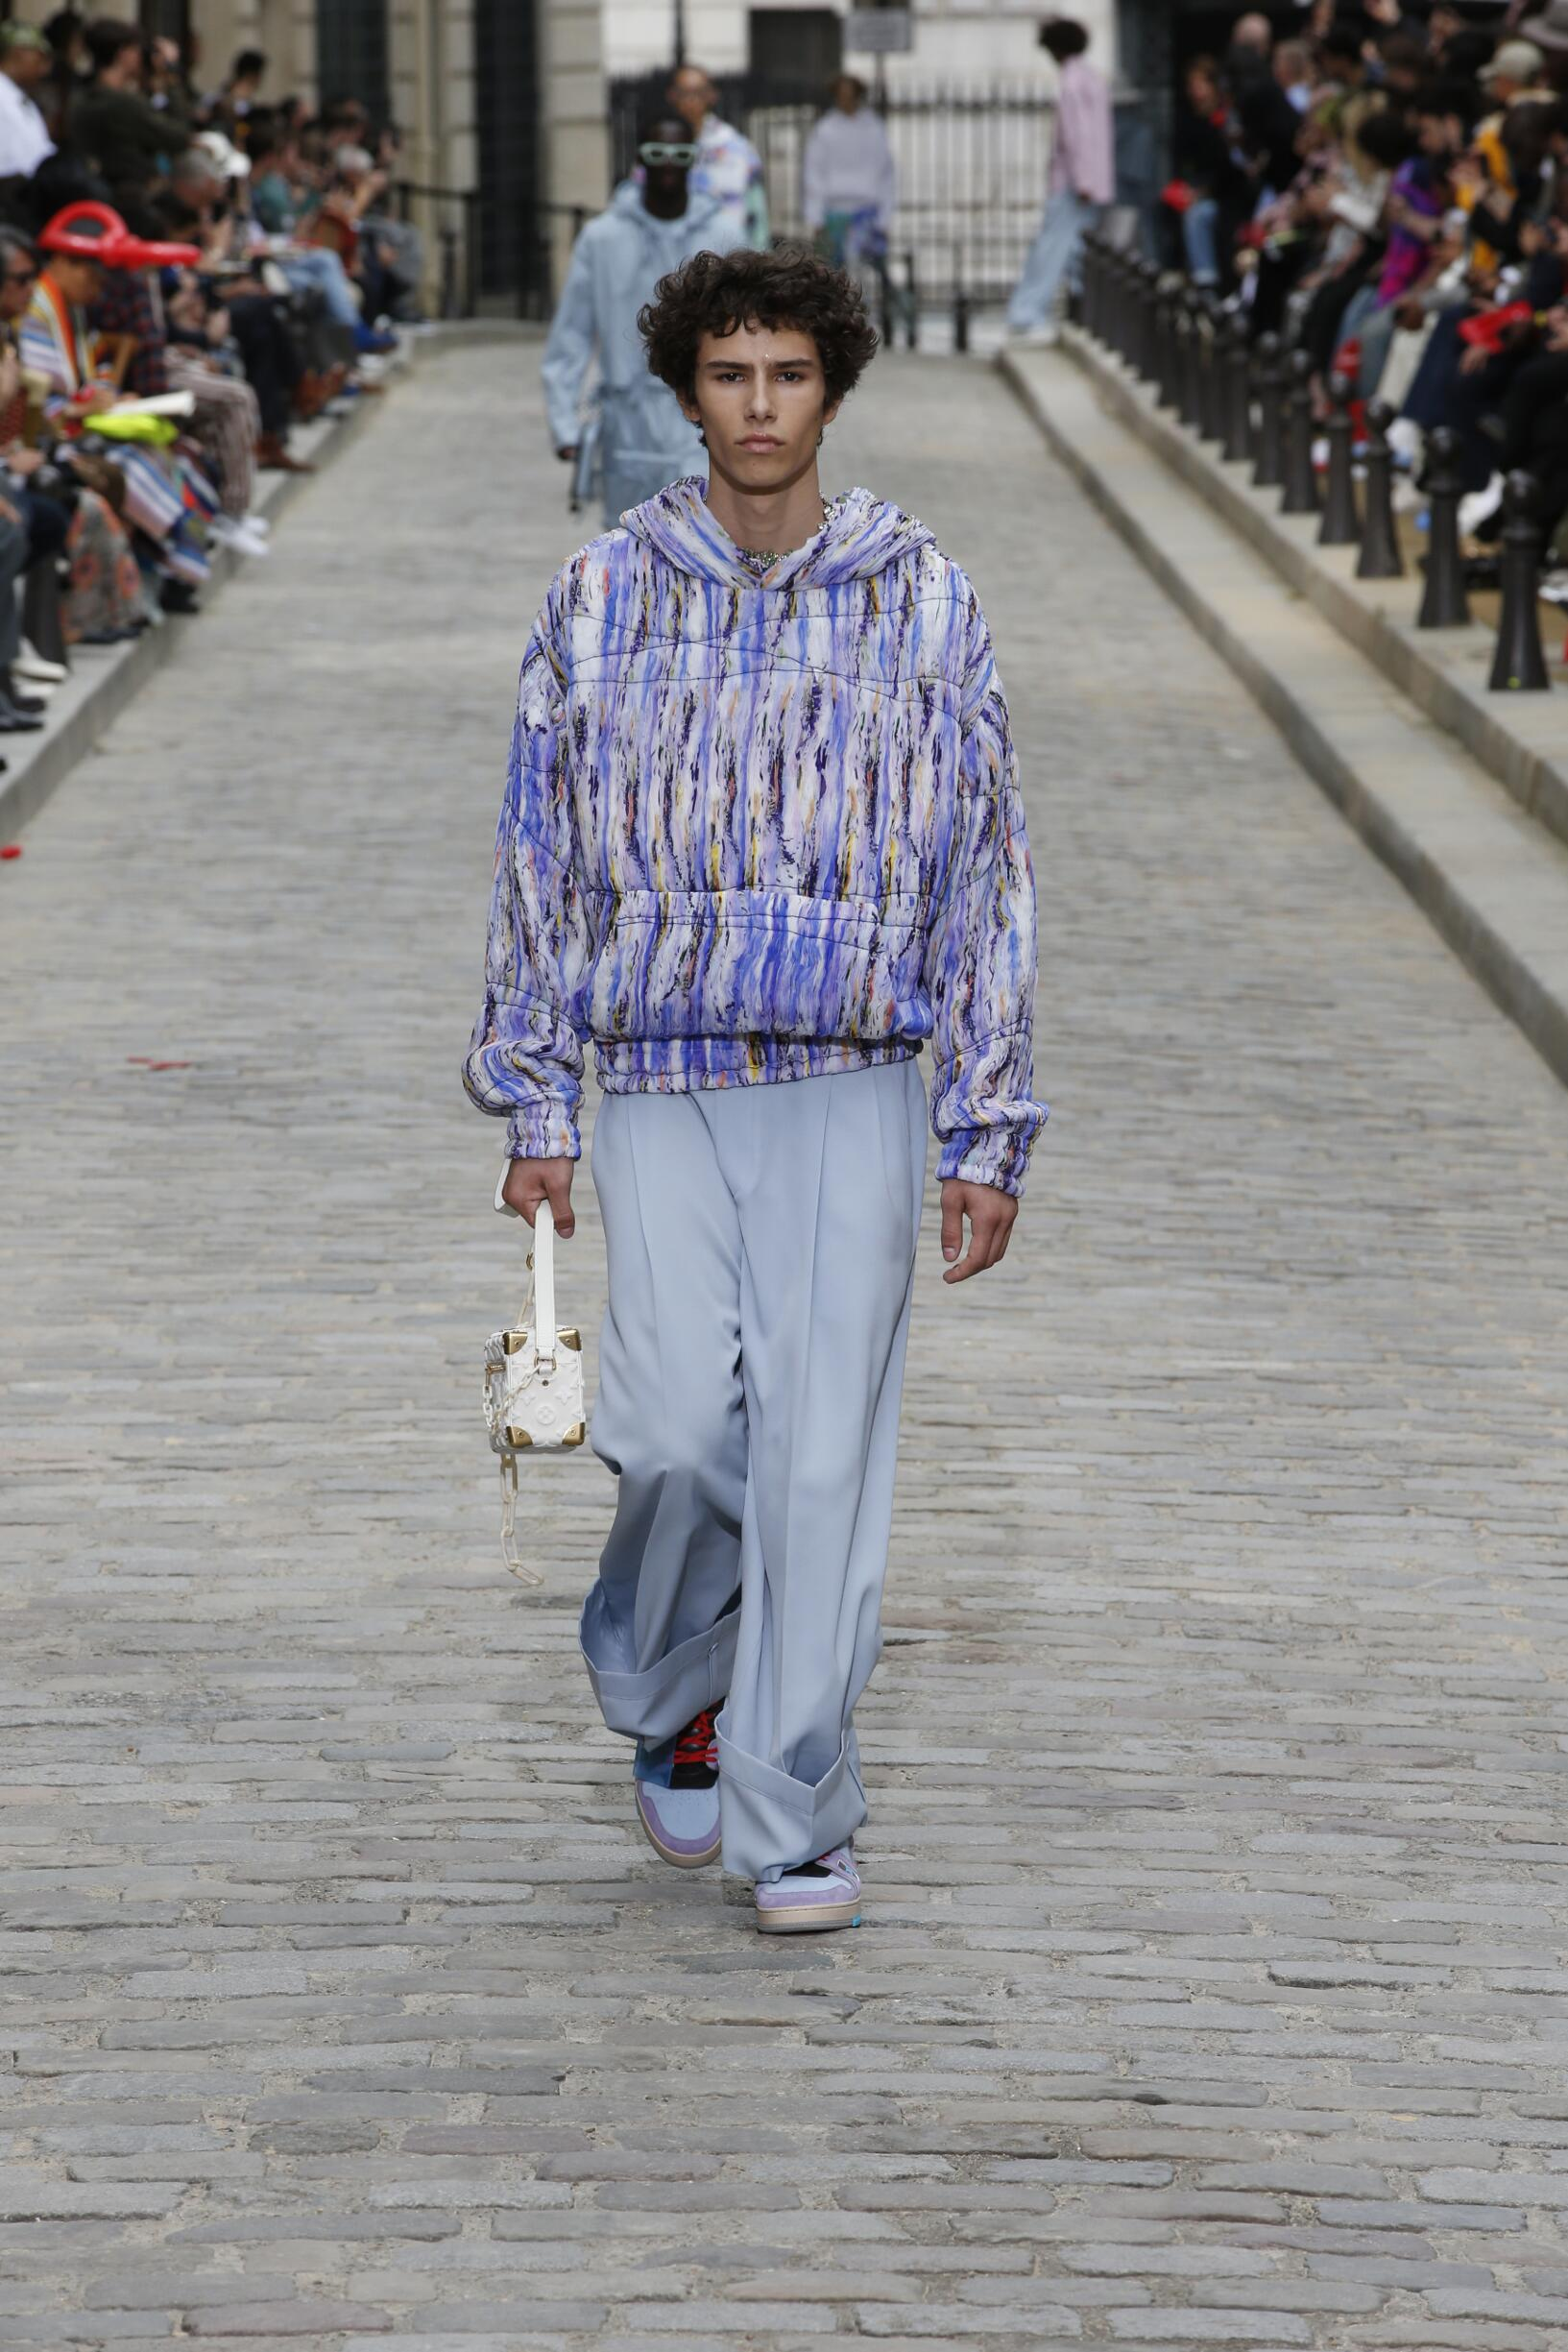 Summer 2020 Man Trends Louis Vuitton